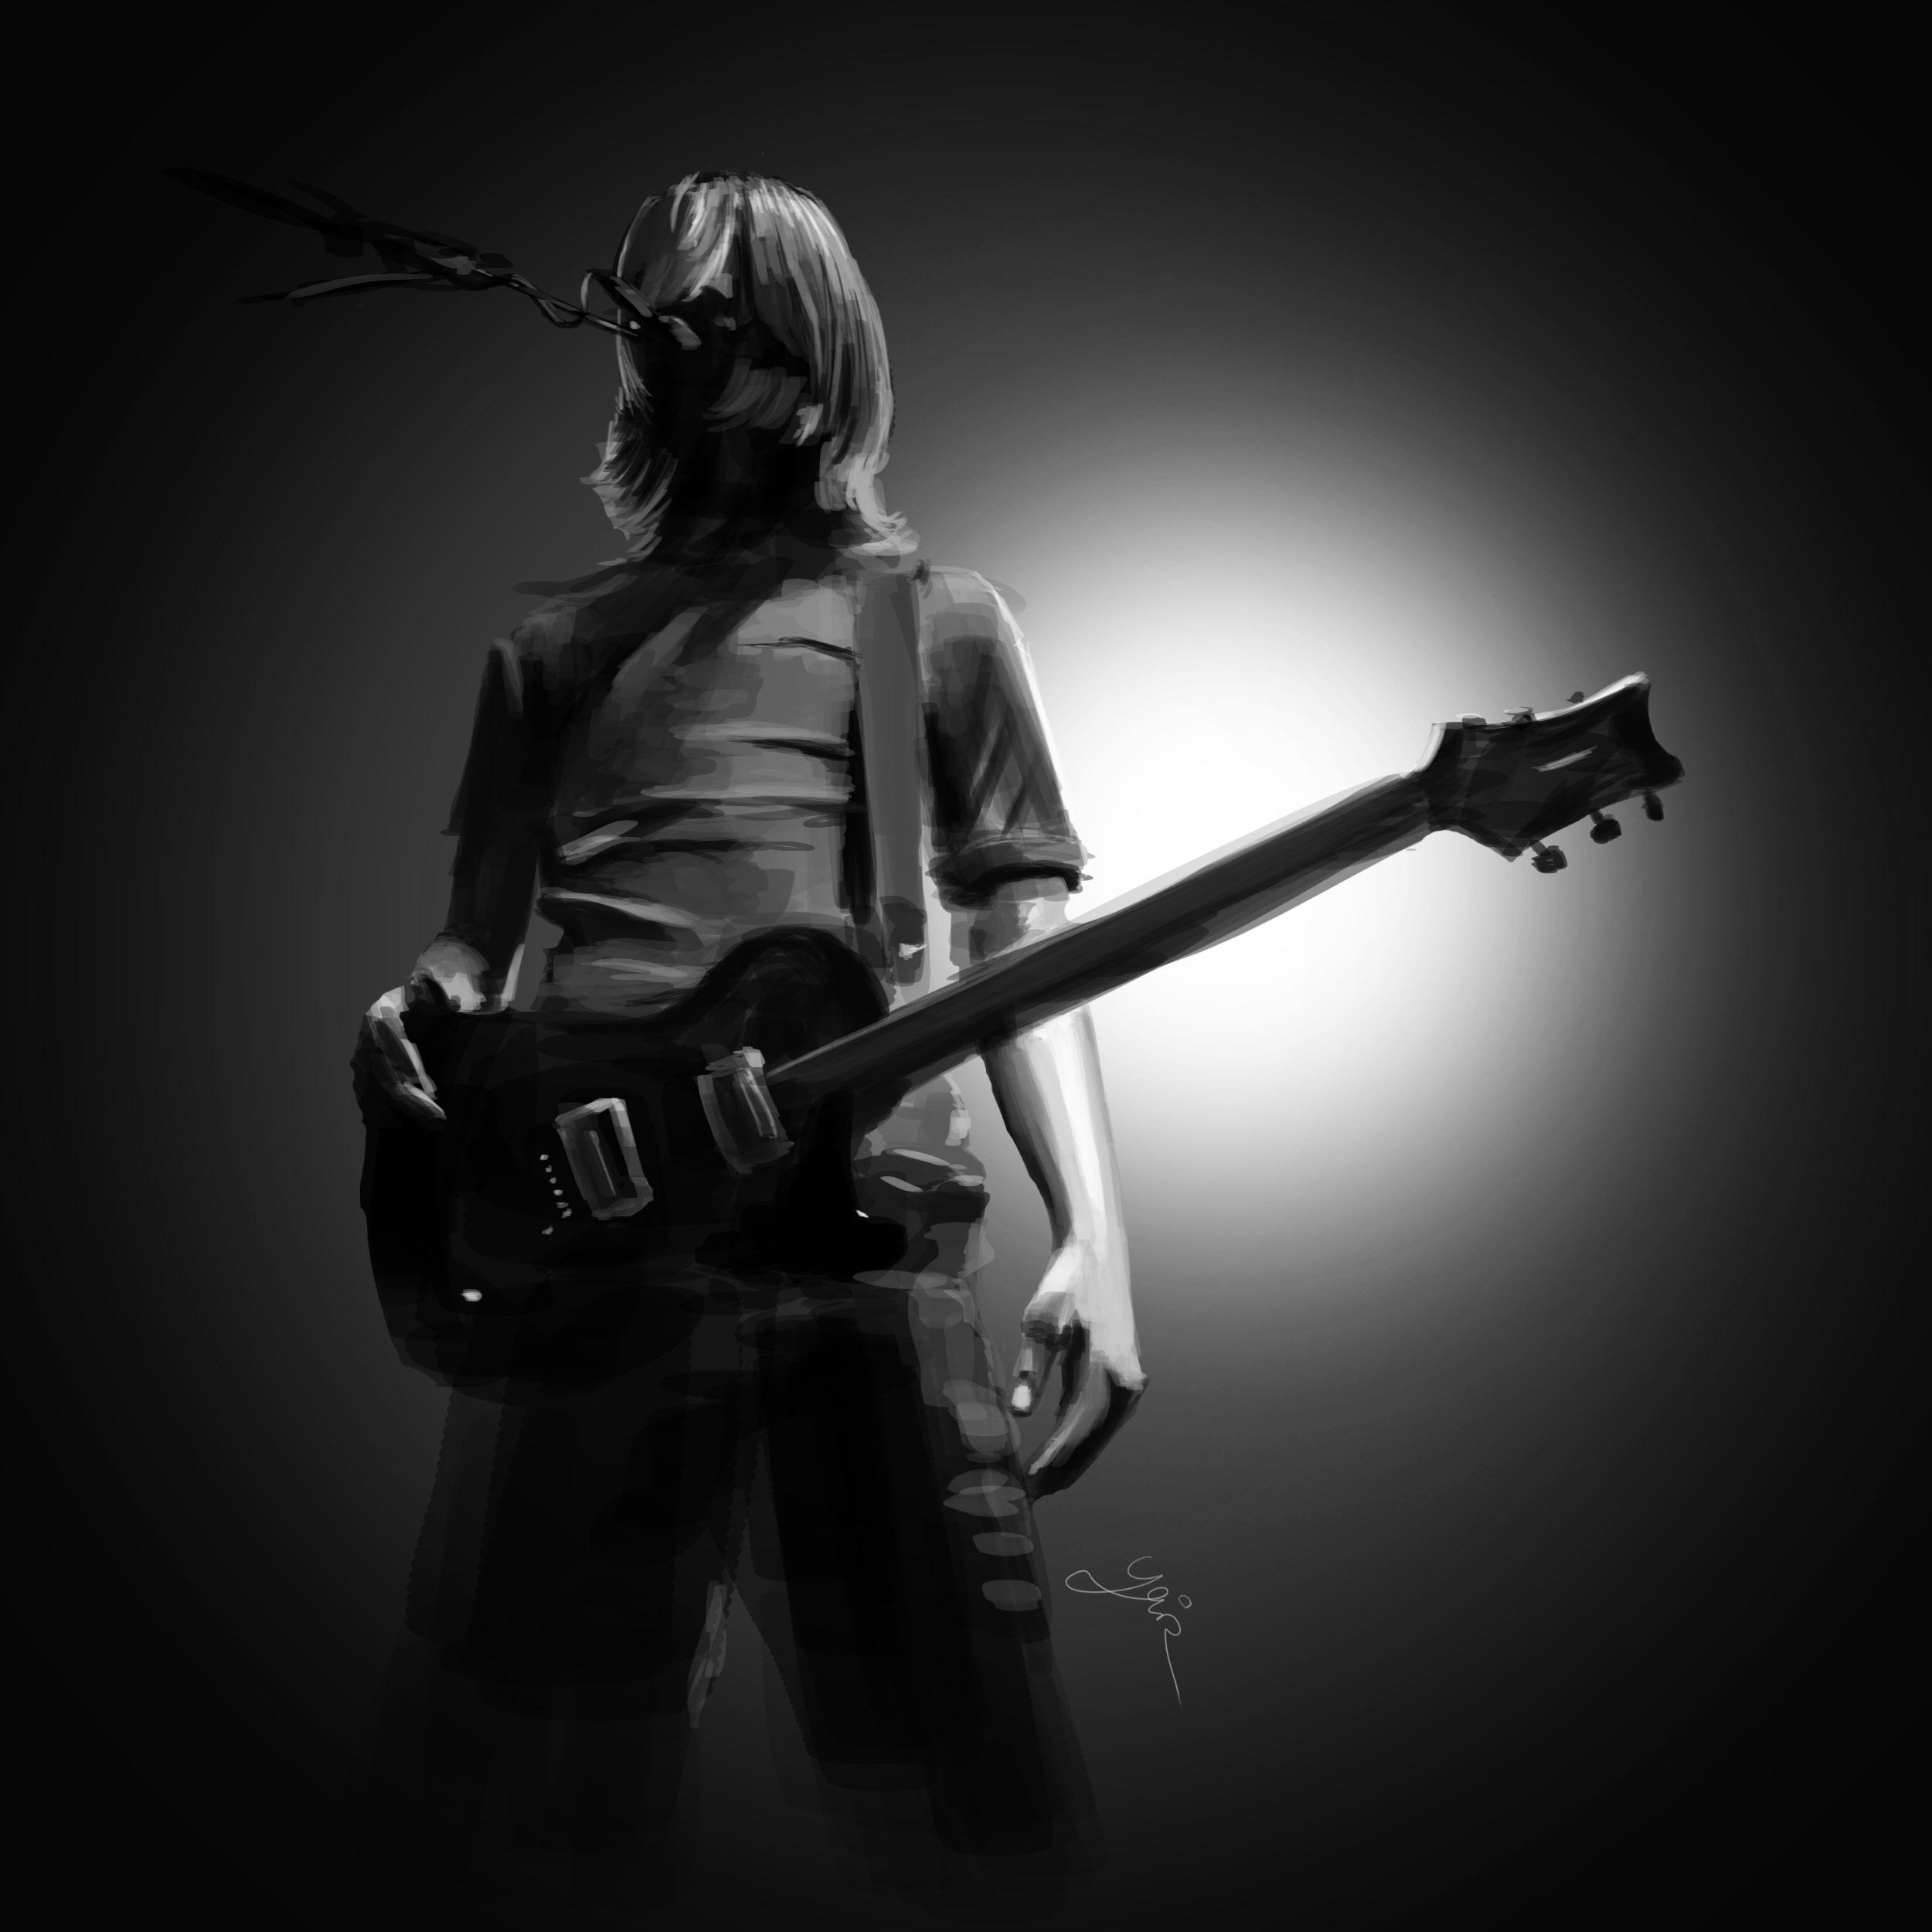 Steven Wilson by YairMor 2500x2500